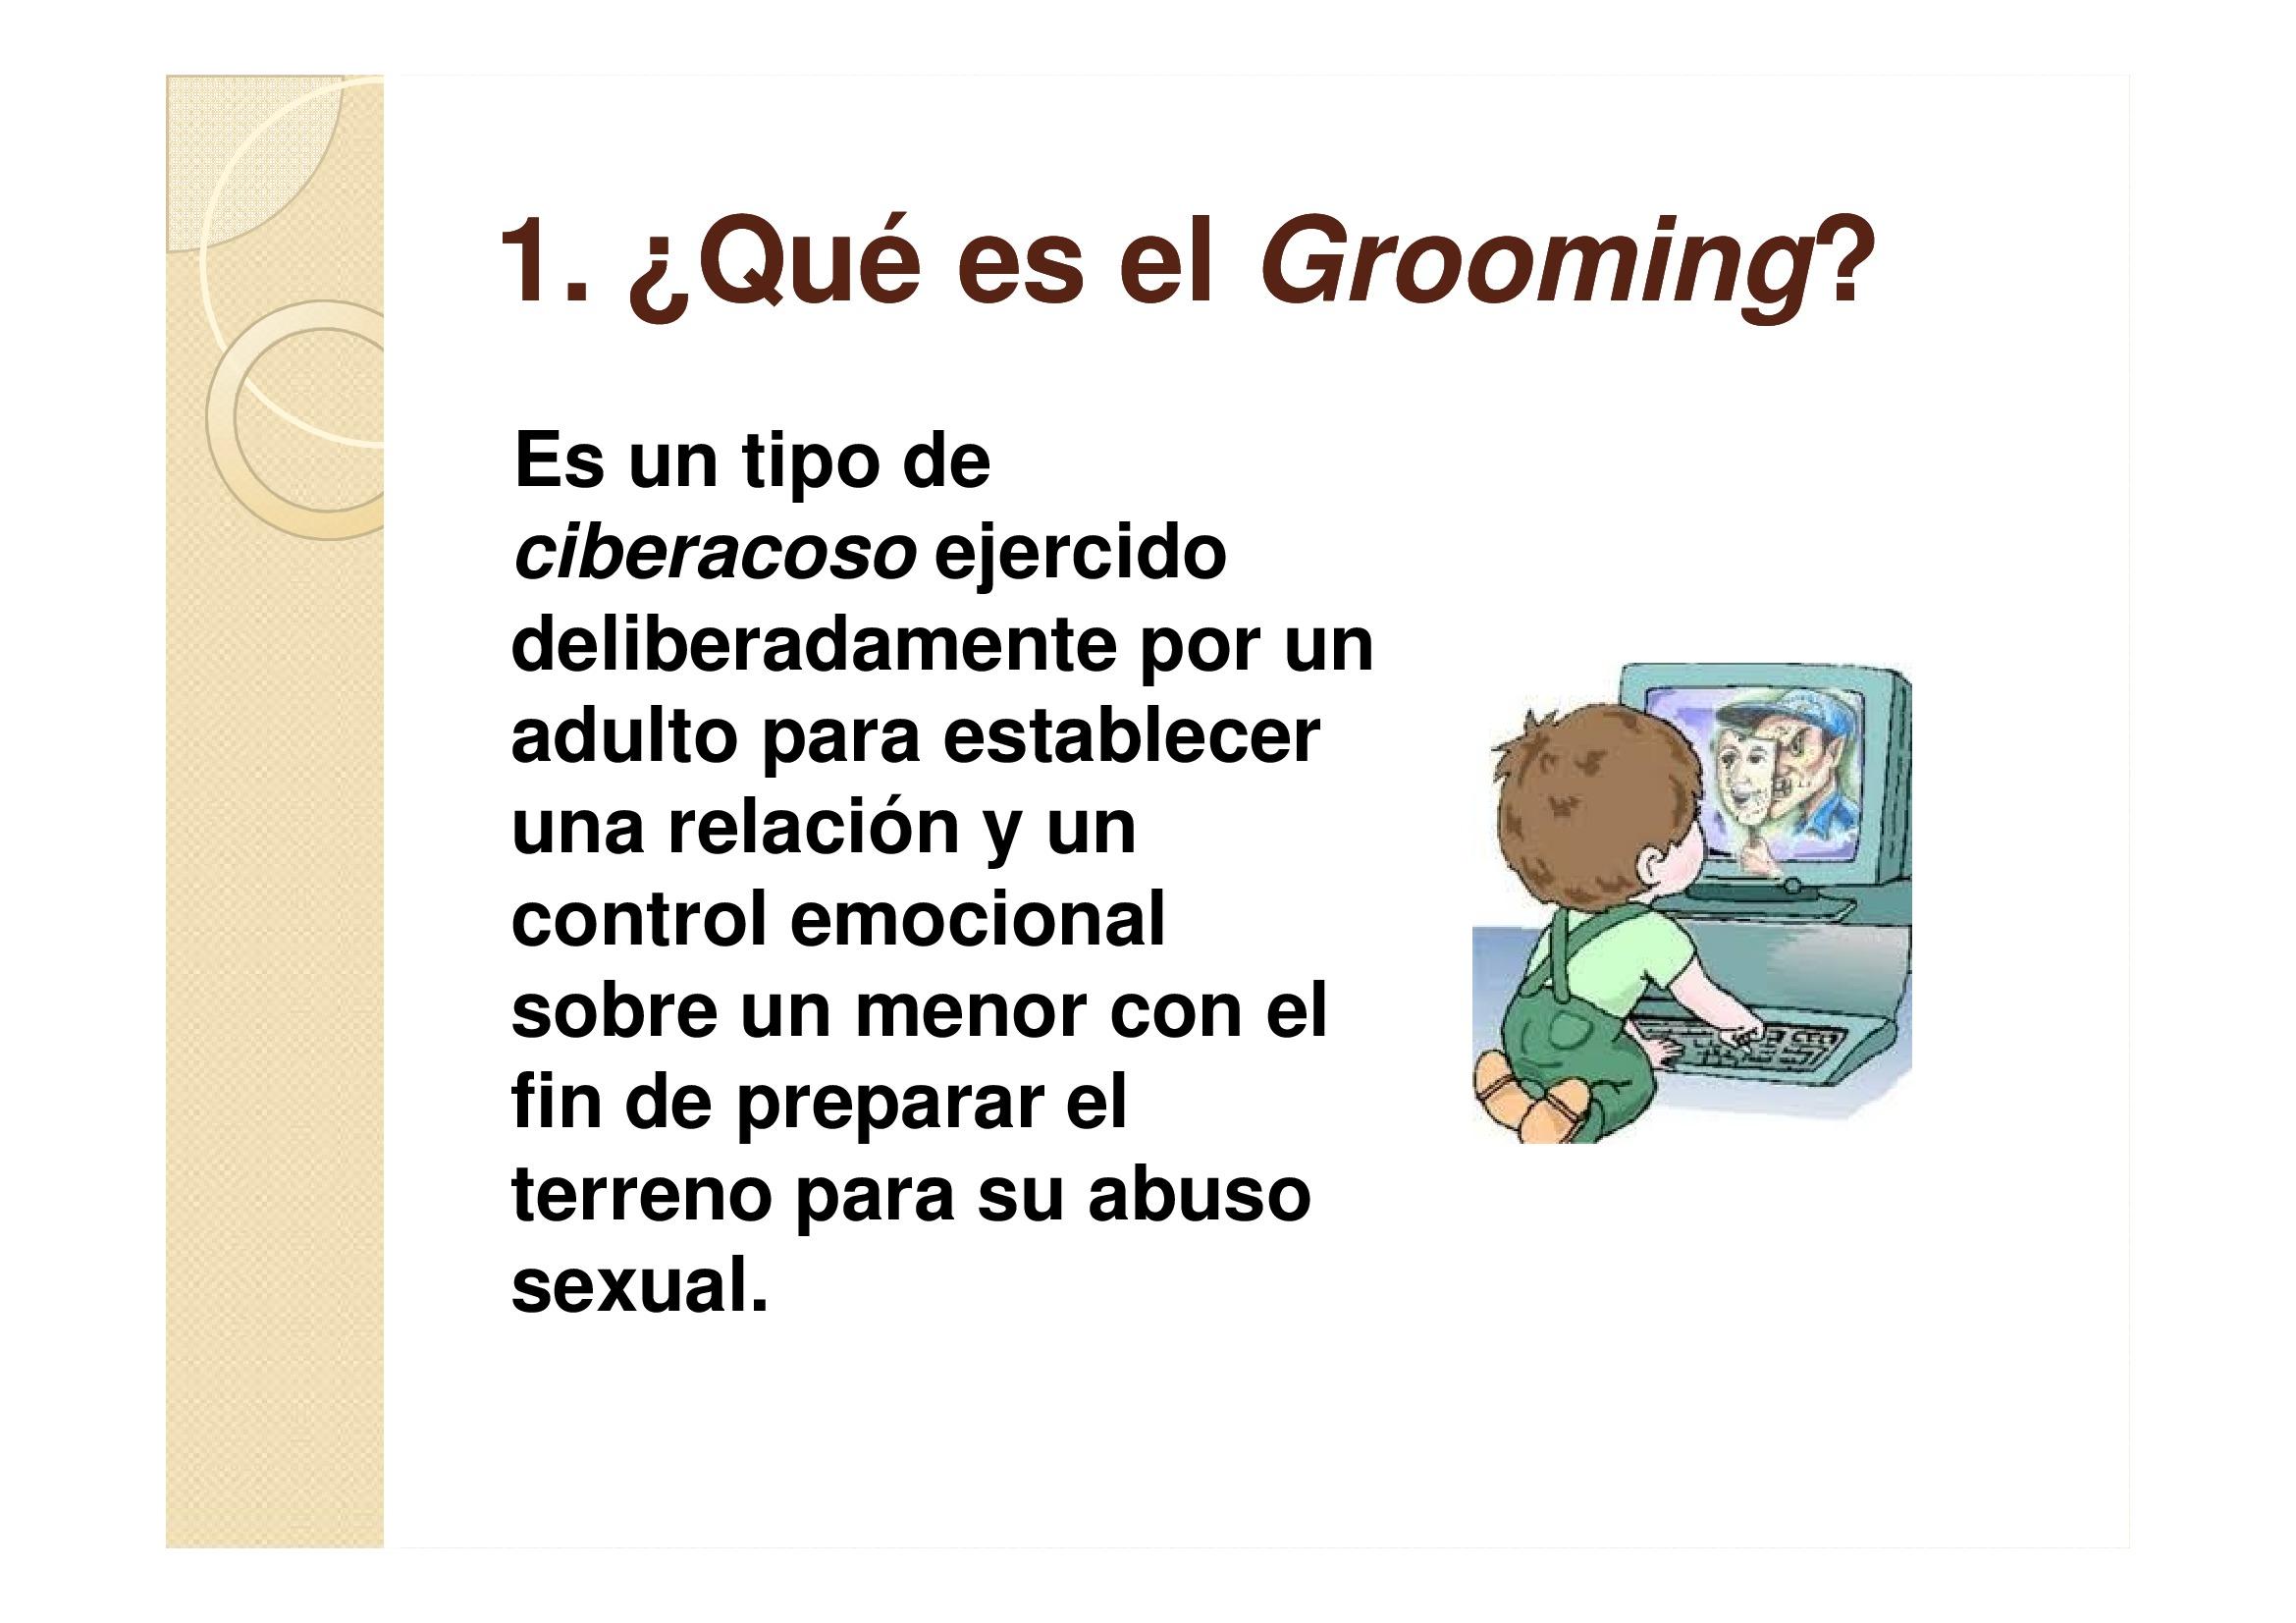 El Grooming Pablo